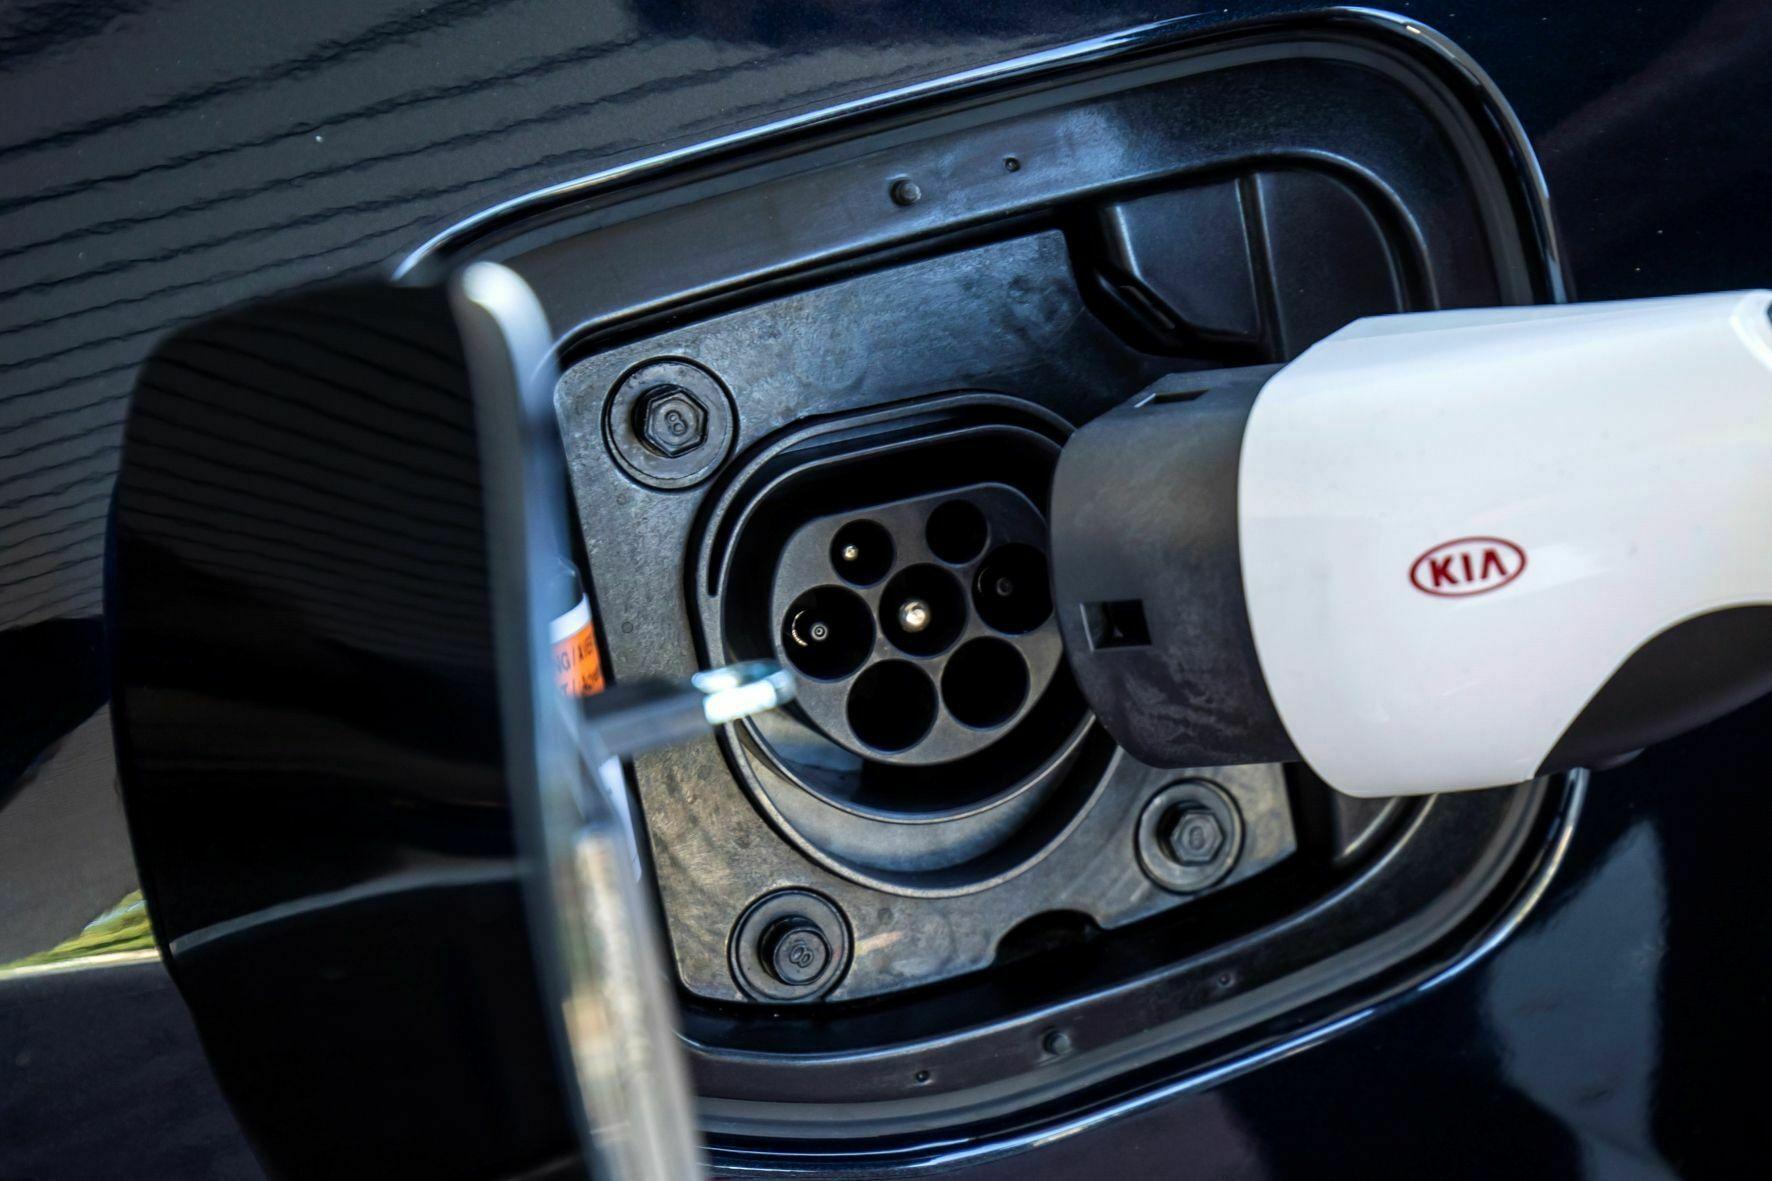 Zum Stromzapfen ist ein Typ 2-Ladeanschluss Serie. © Kia / TRD mobil